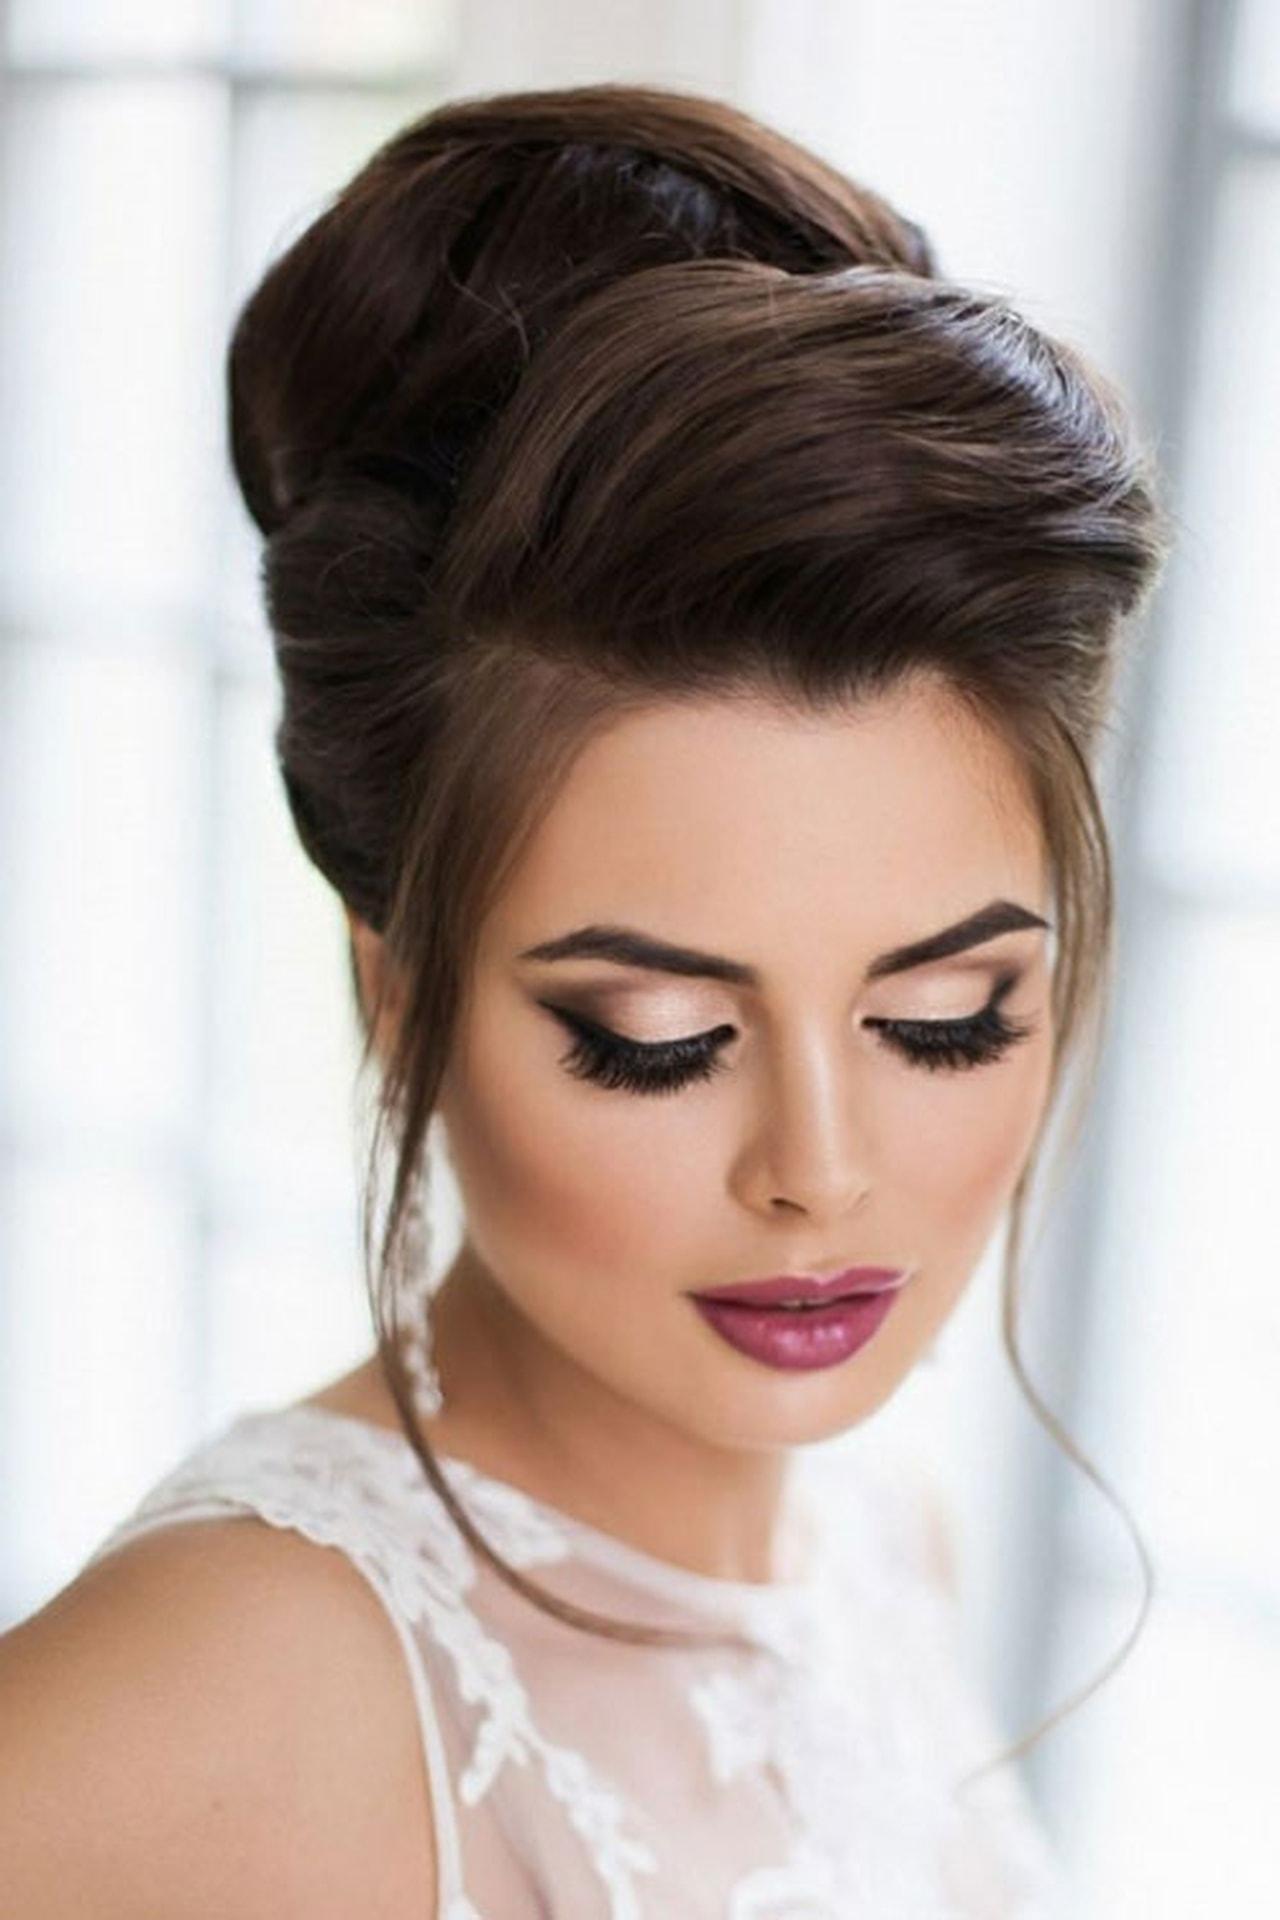 تسريحات جميلة للعرايس اجمل تسريحات الشعر لليلة العرس بالصور